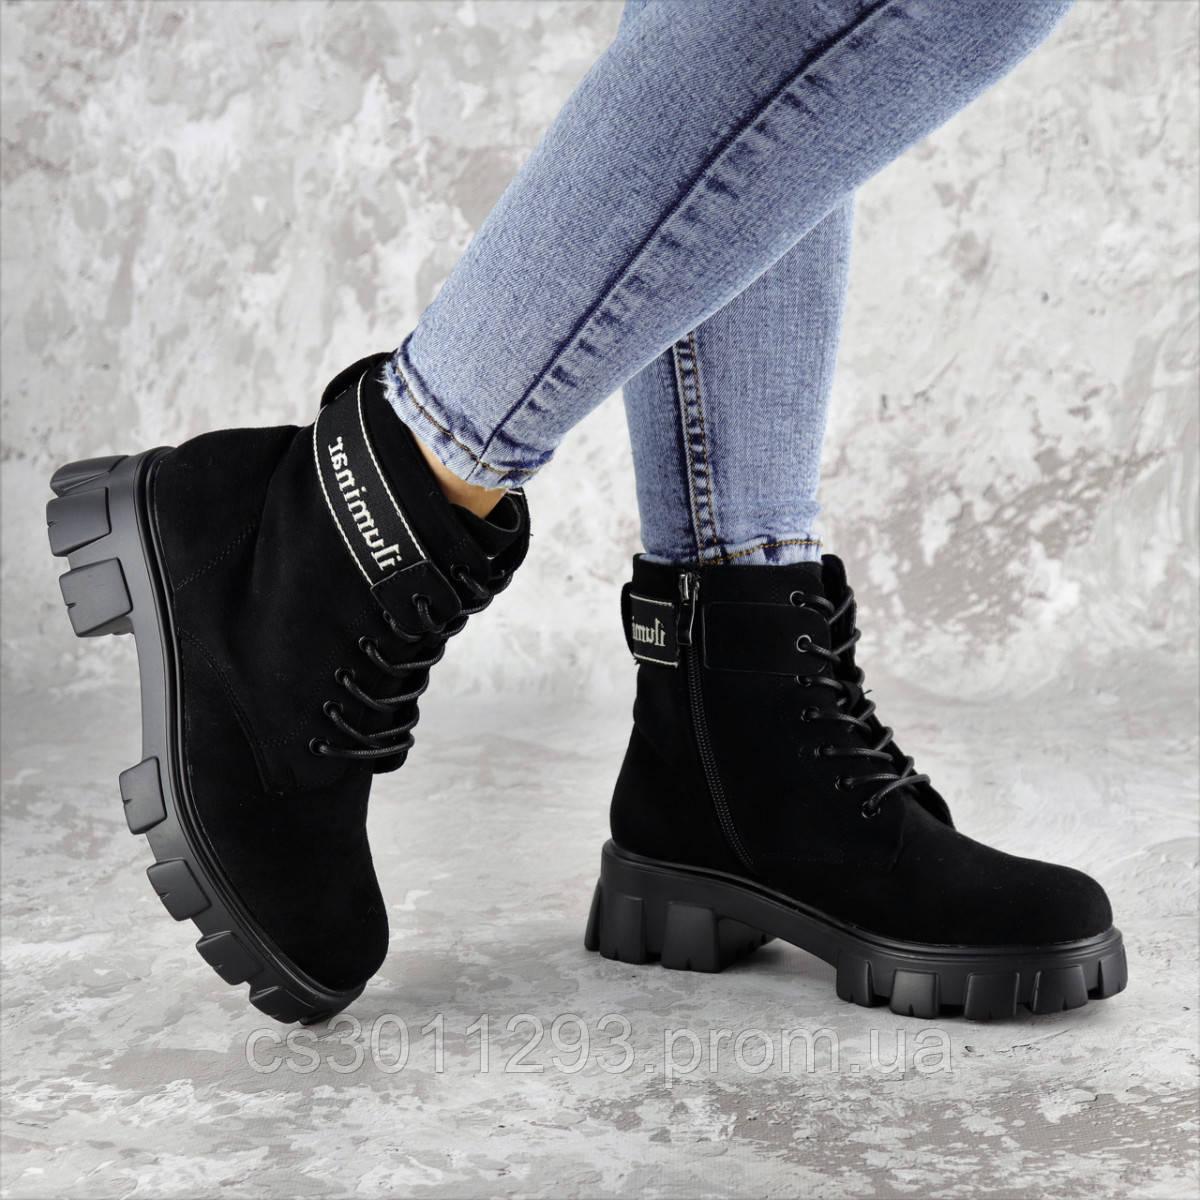 Ботинки женские Fashion Gouda 2260 36 размер 23,5 см Черный